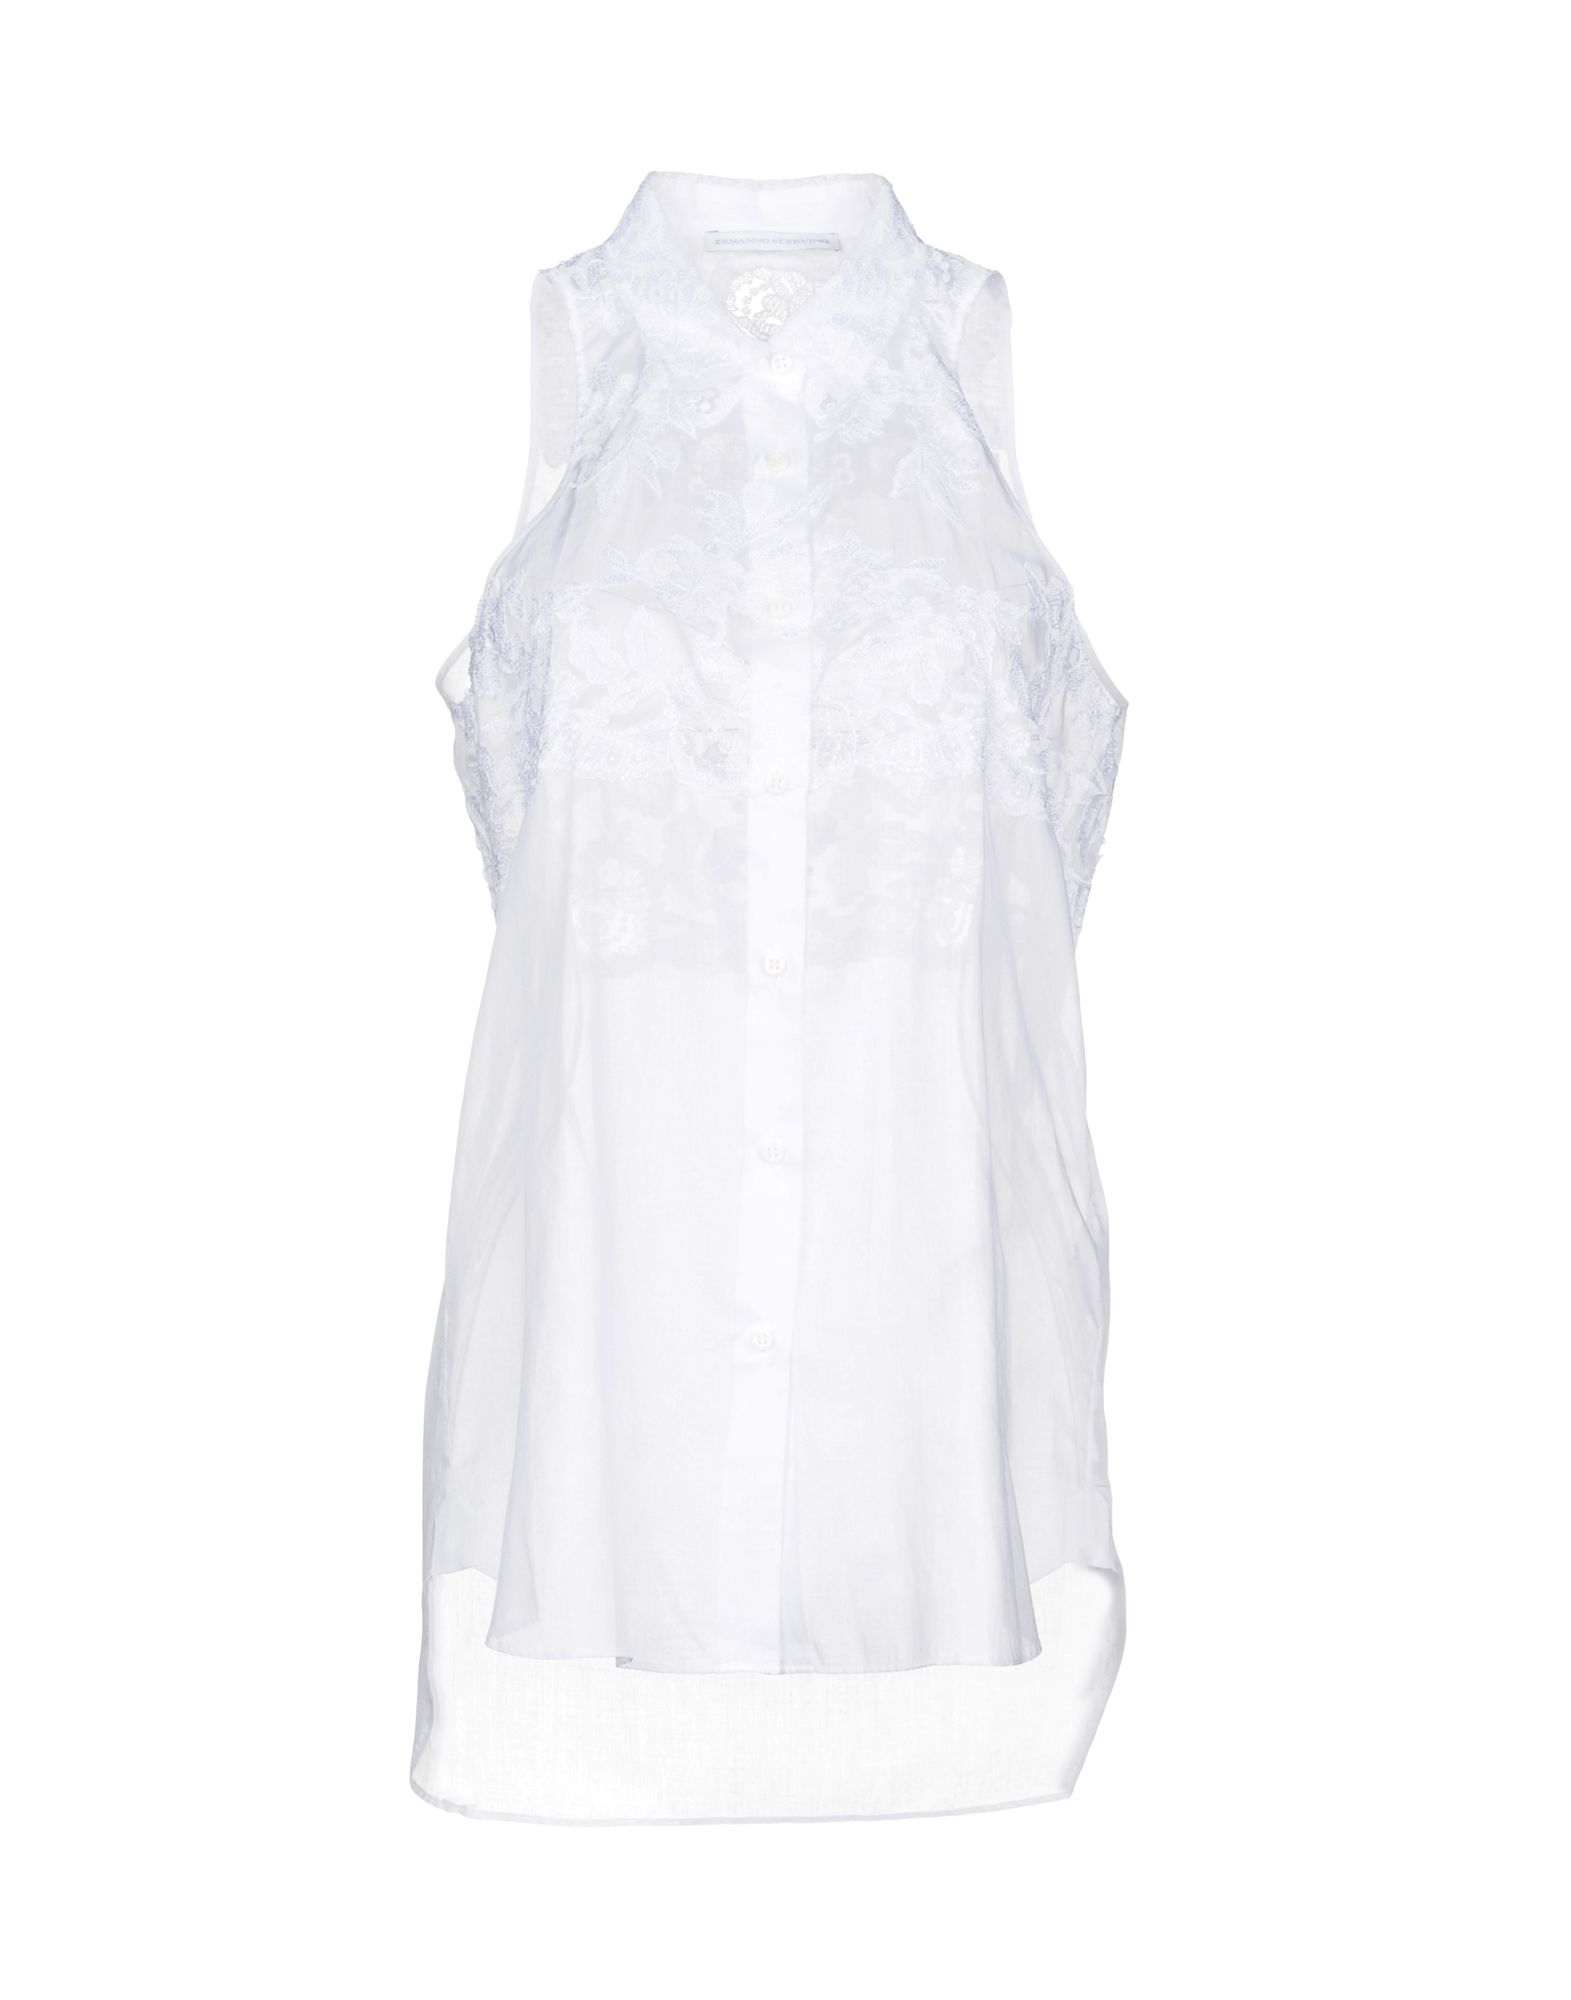 Camicie E Bluse In Pizzo Ermanno Scervino Donna - Acquista online su c4OhL